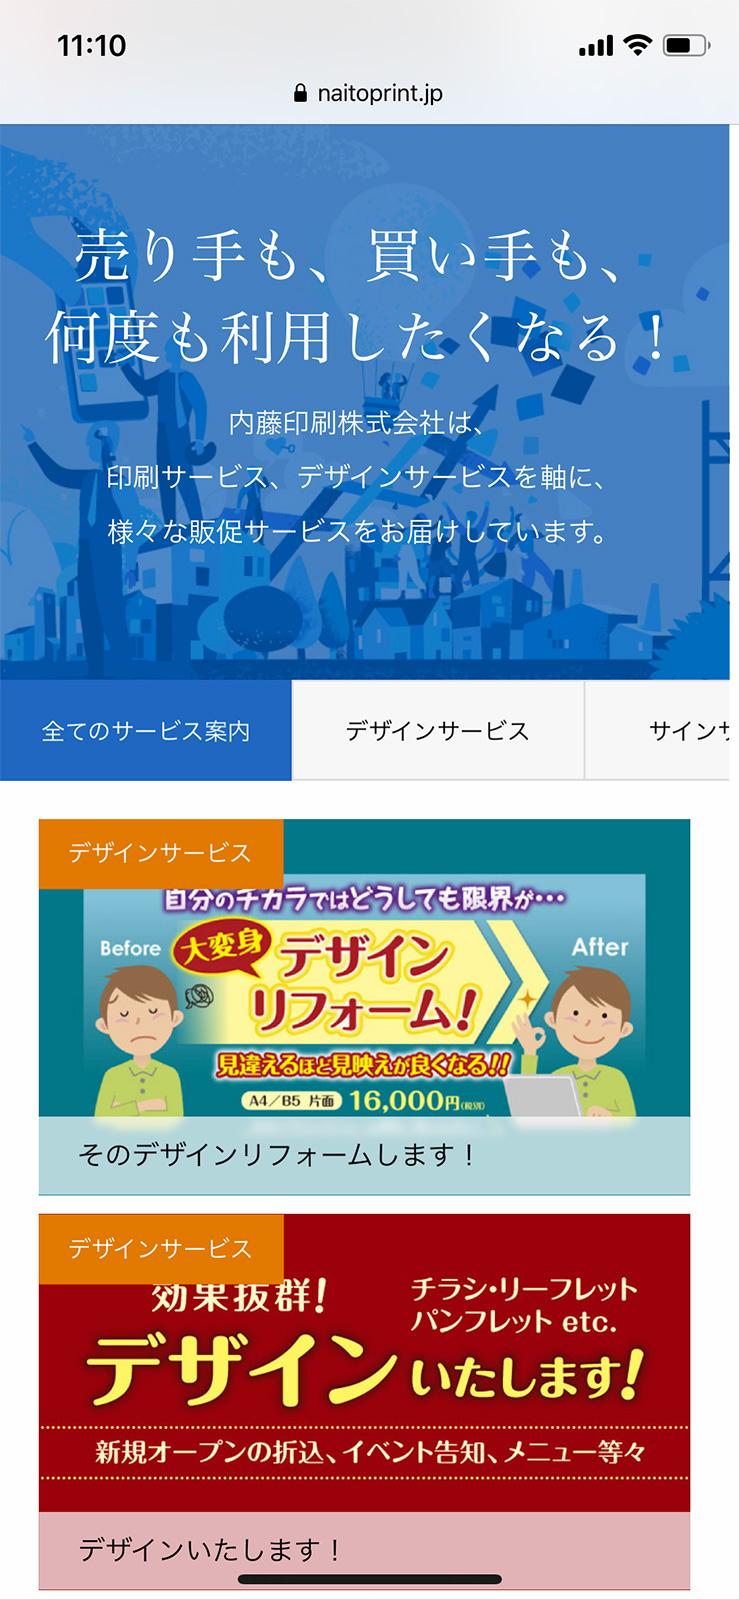 内藤印刷スマホサイト2